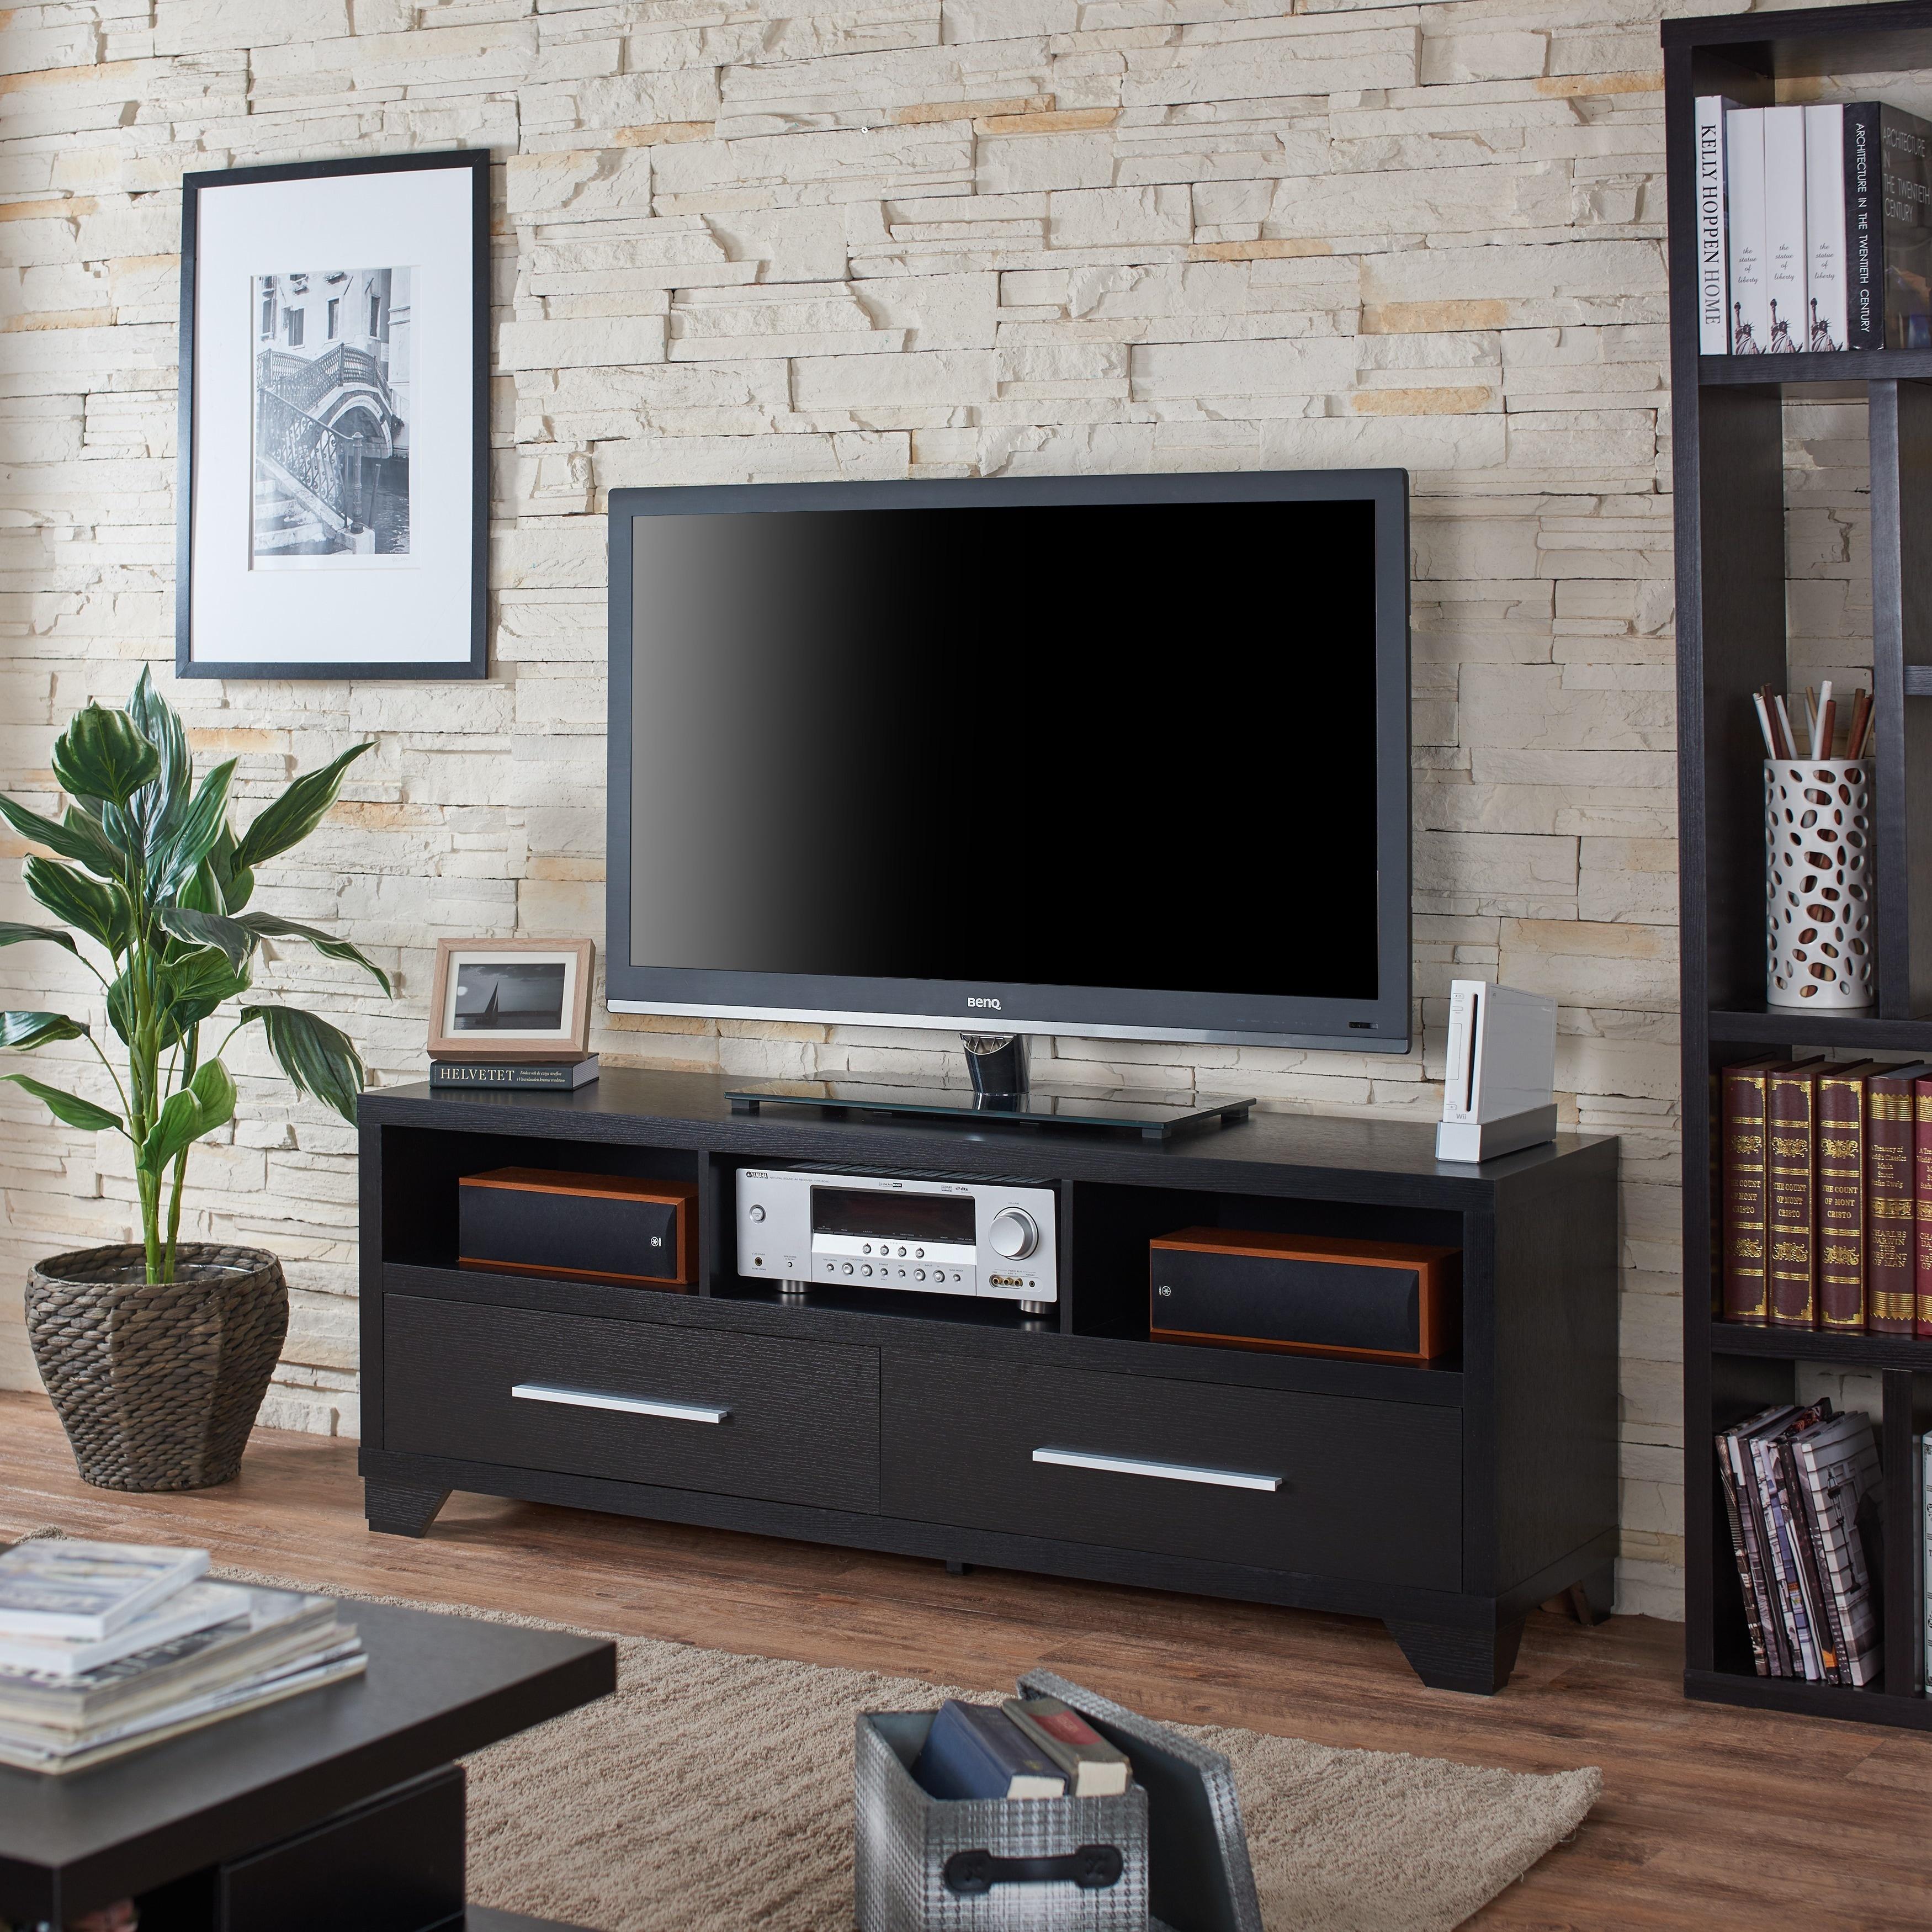 Shop Furniture of America Drewslee Modern Black